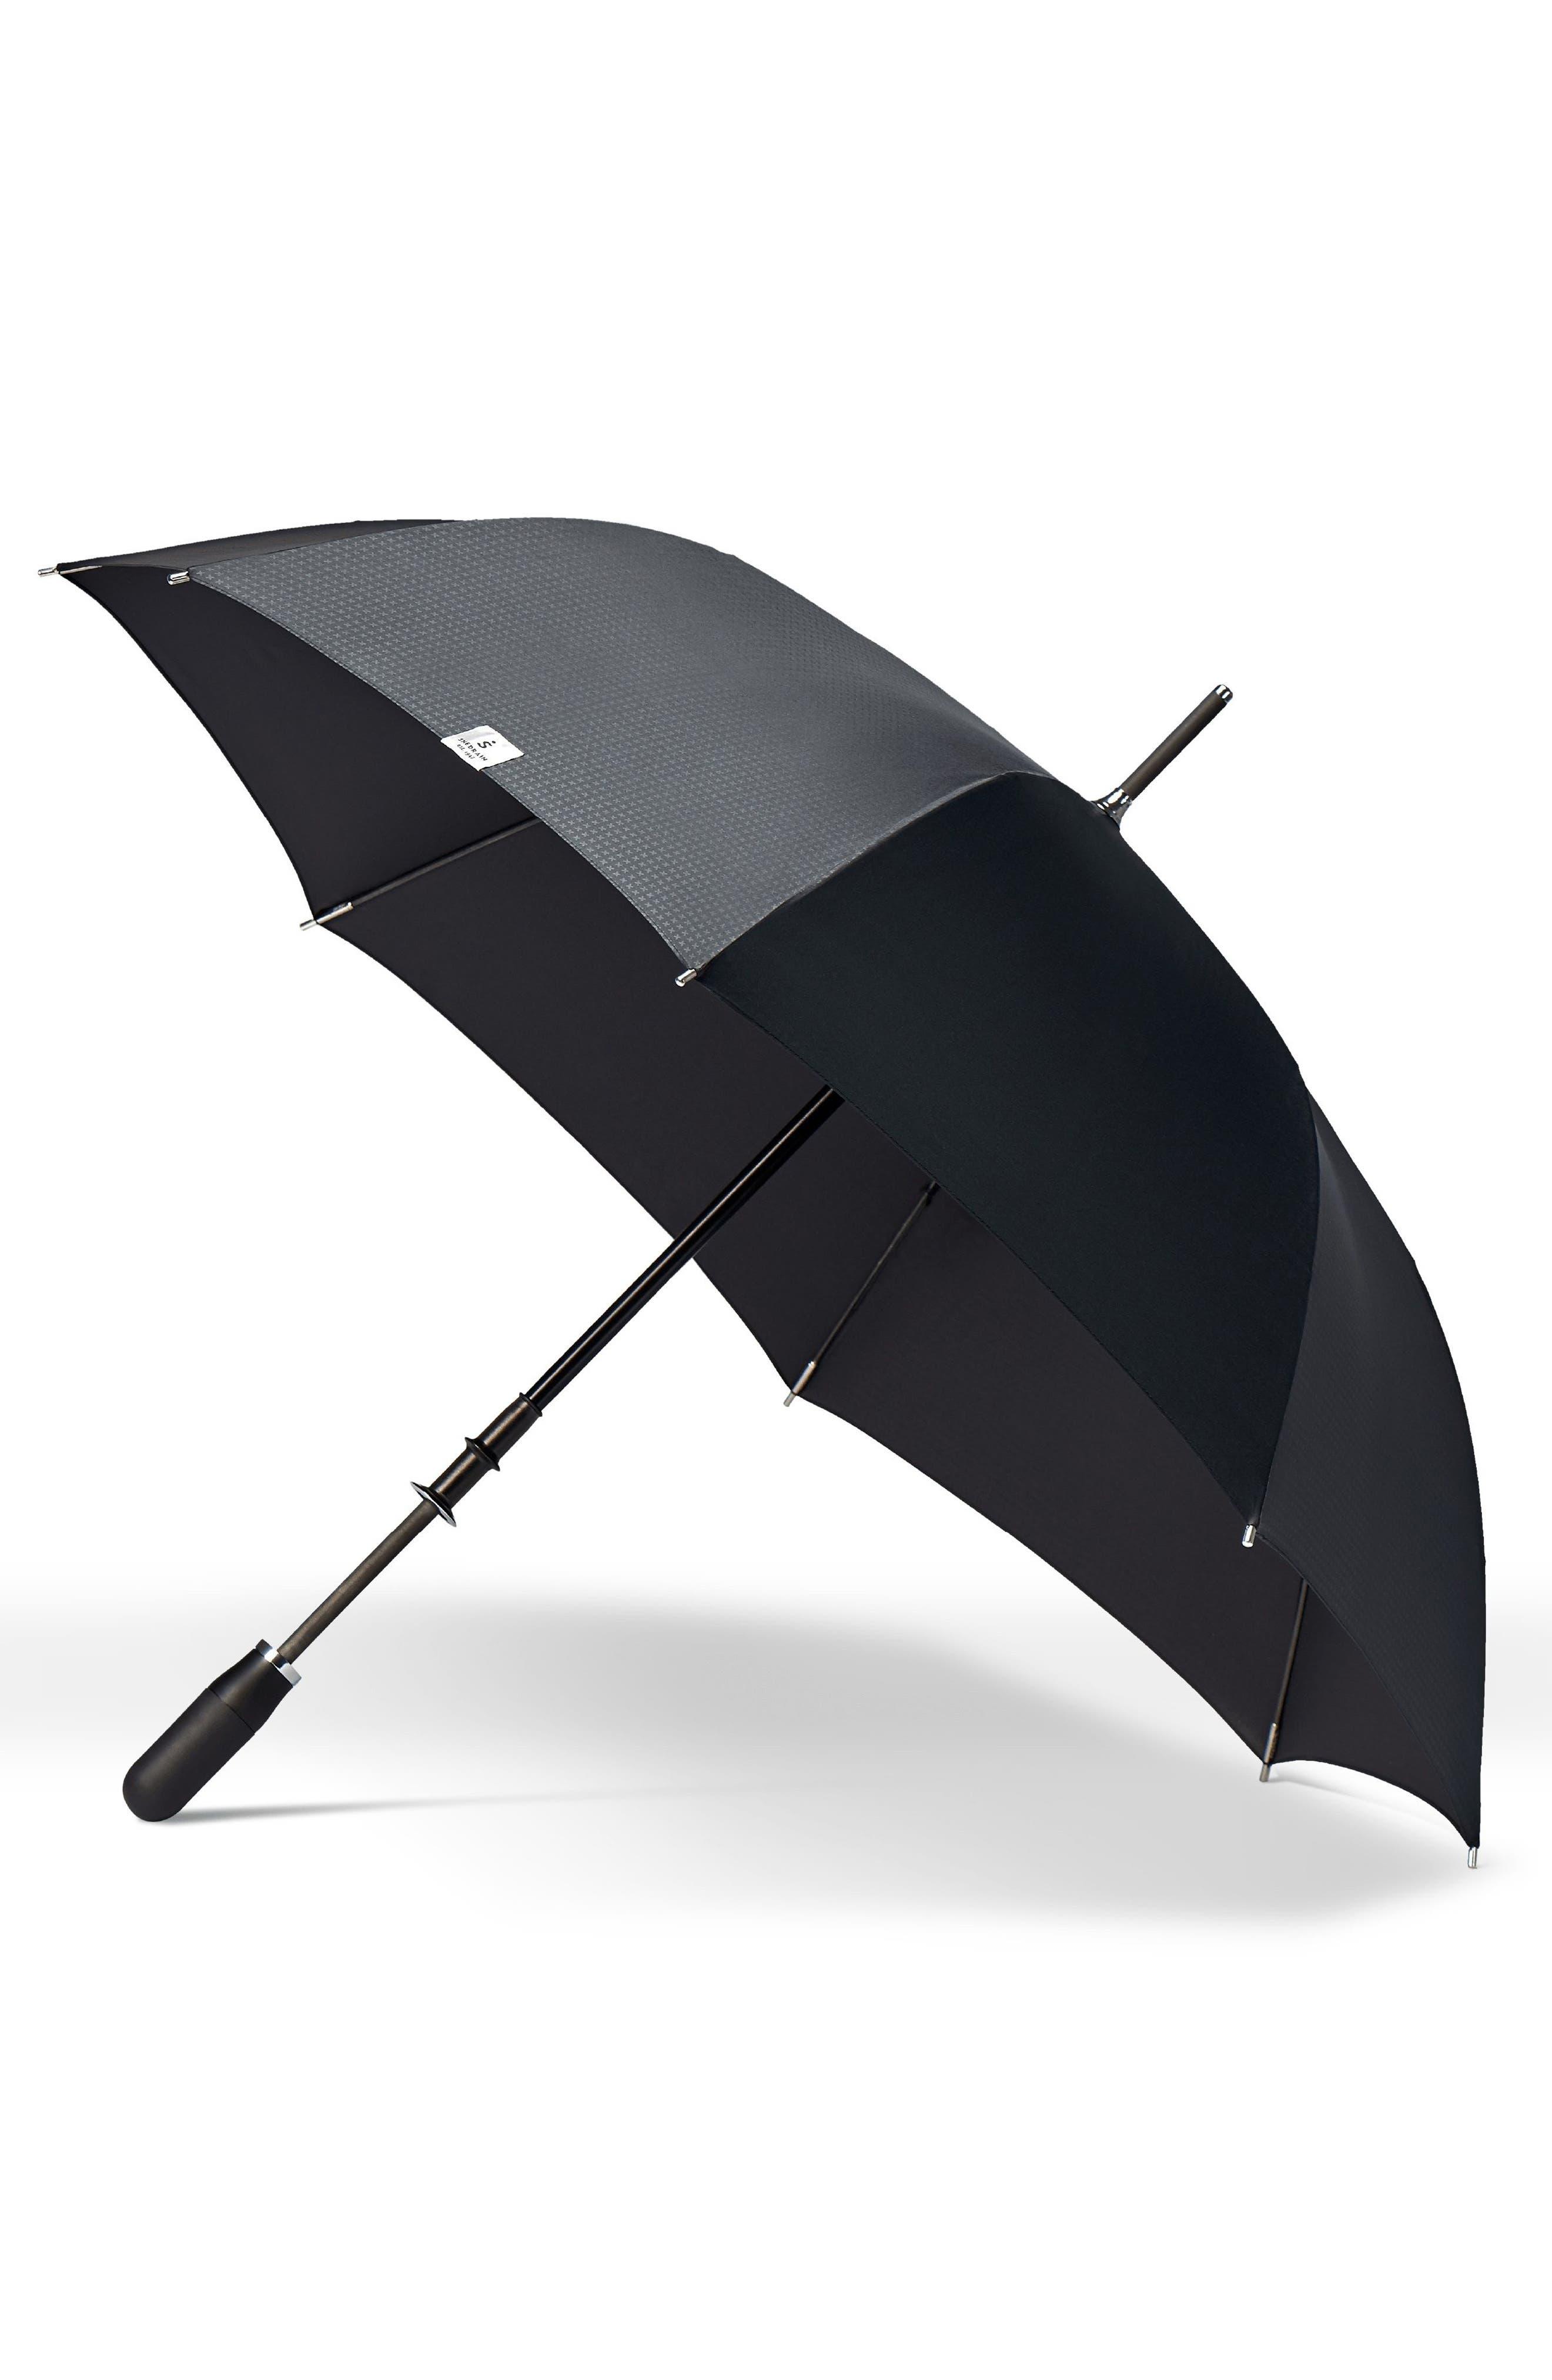 Main Image - ShedRain Stratus Auto Open Stick Umbrella